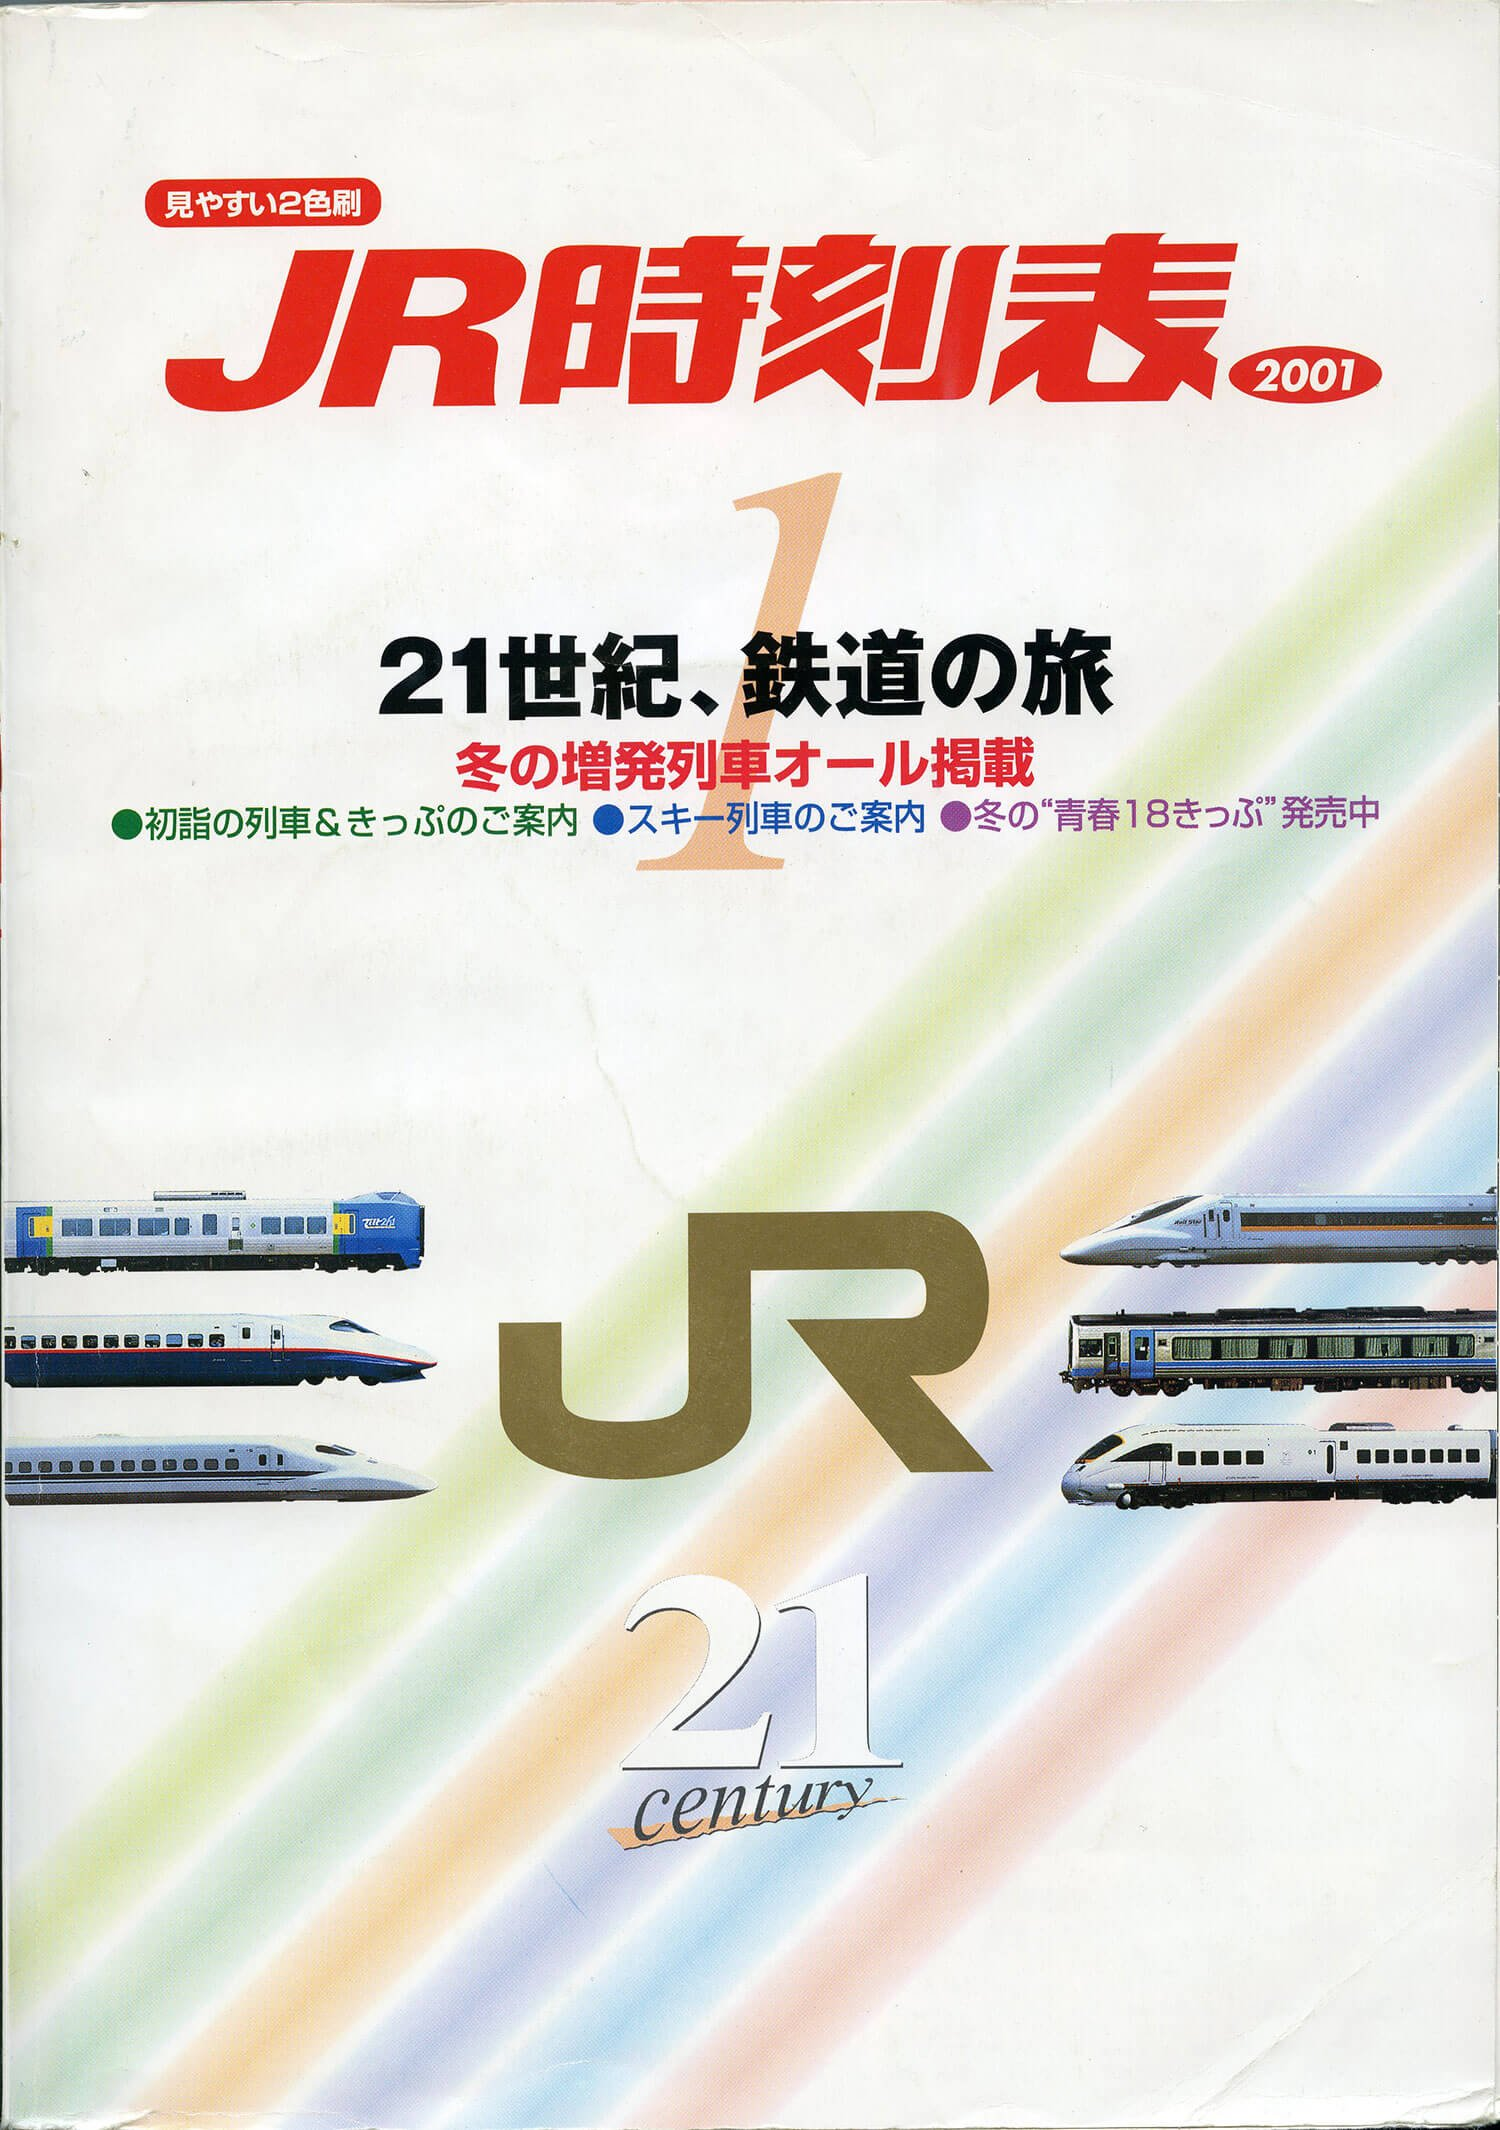 2001年1月号も編集部員にとっては印象深い号。ミレニアムを祝したキャッチがおしゃれ。